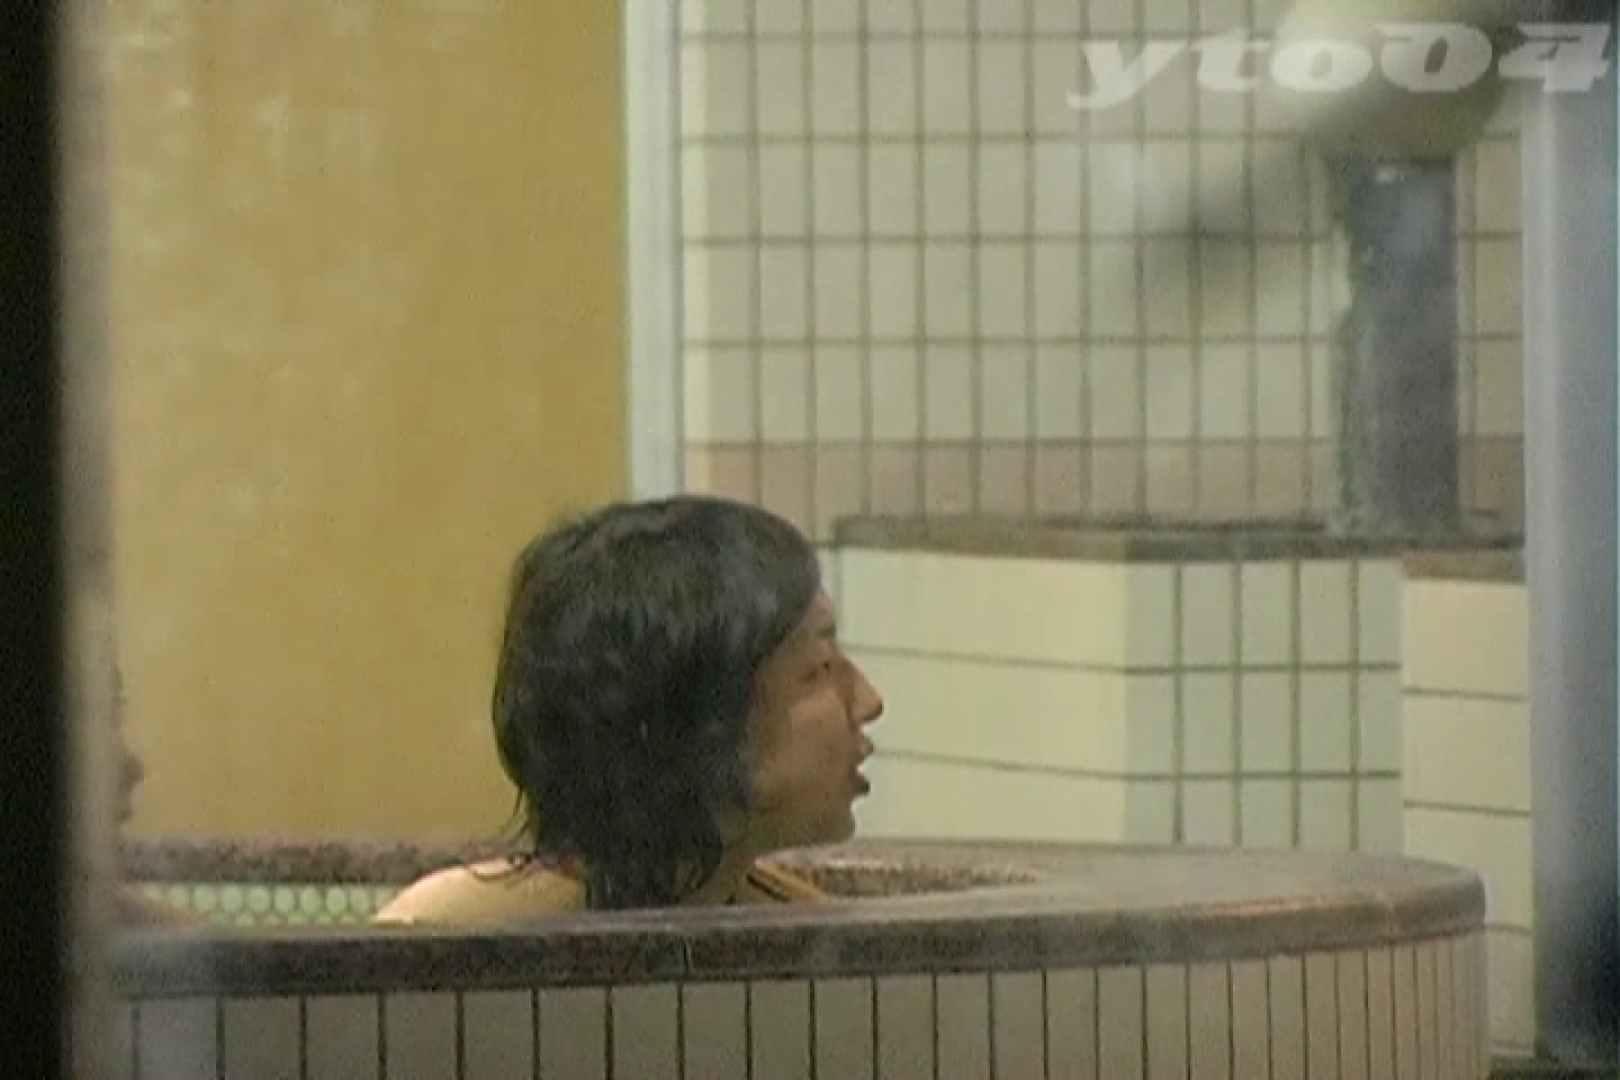 ▲復活限定▲合宿ホテル女風呂盗撮 Vol.24 合宿  75連発 30